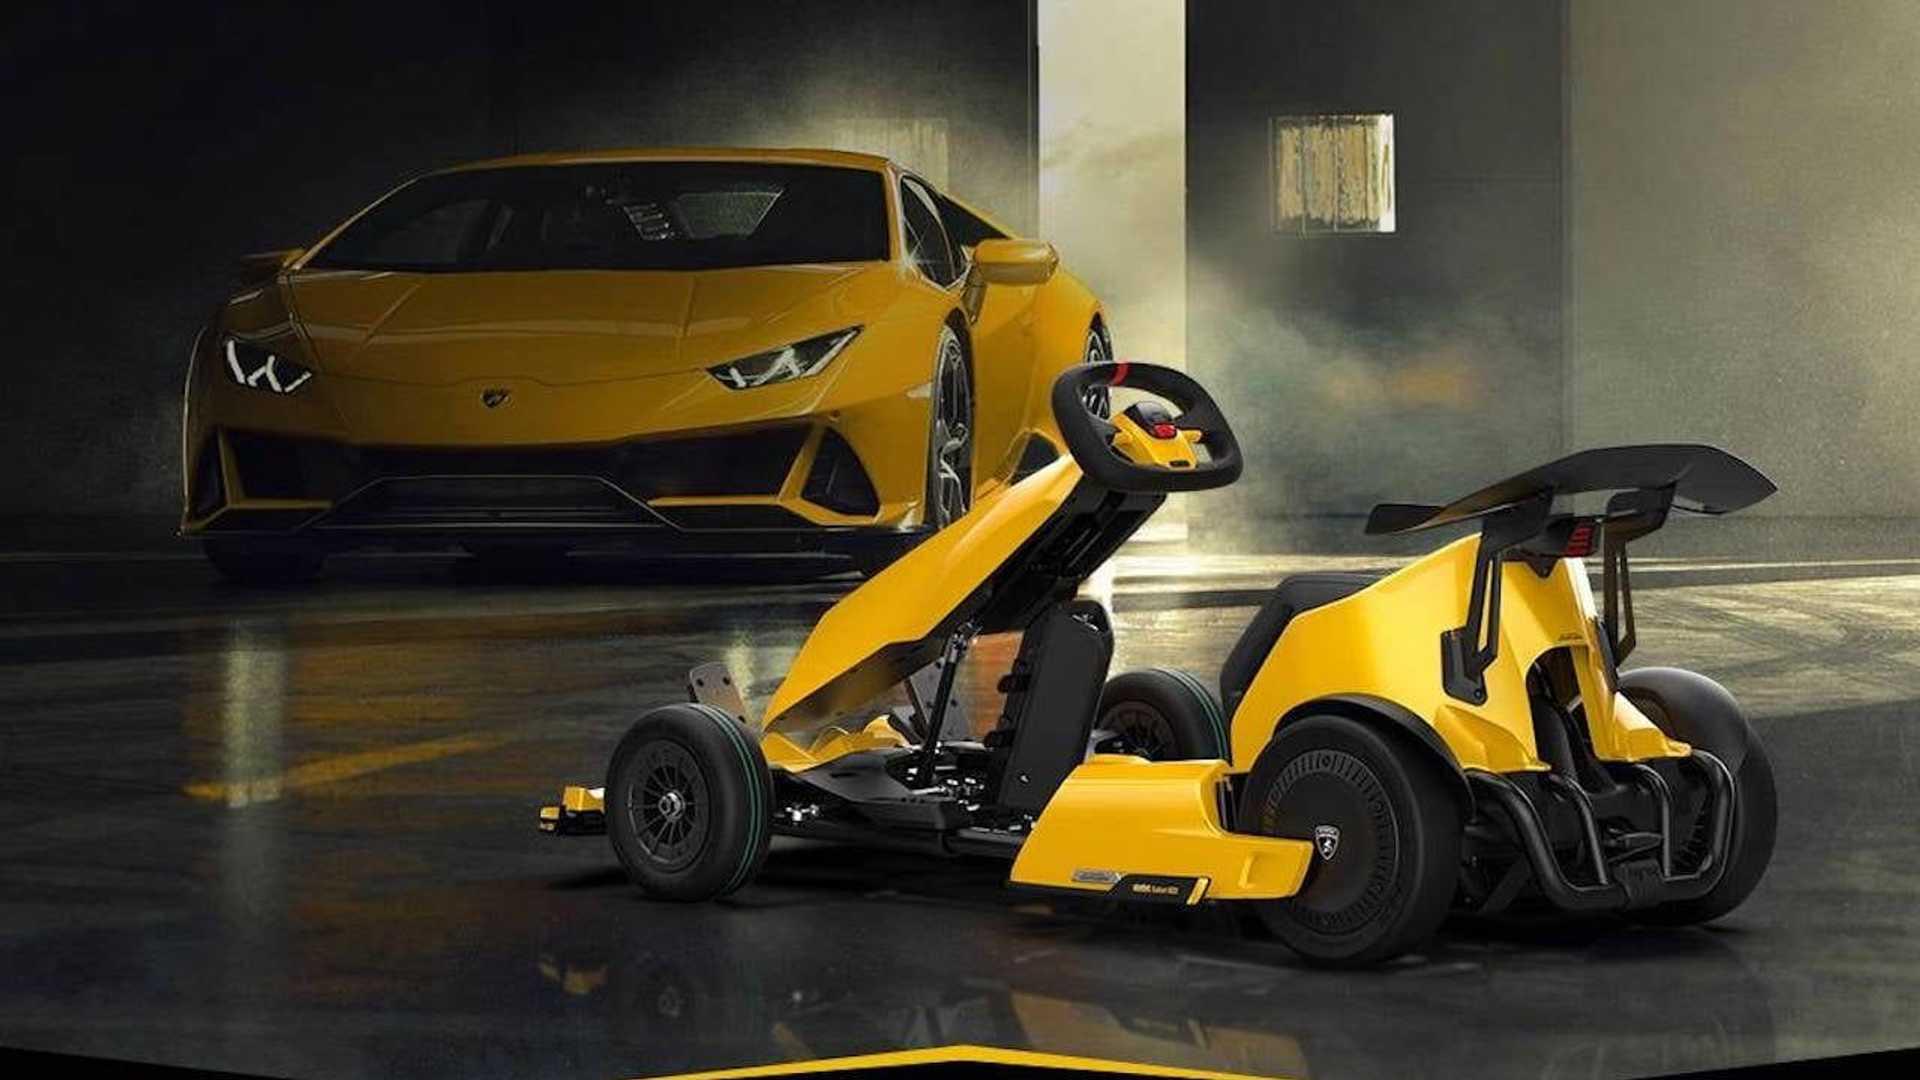 Xiaomi lança kart elétrico que imita o ronco de um Lamborghini